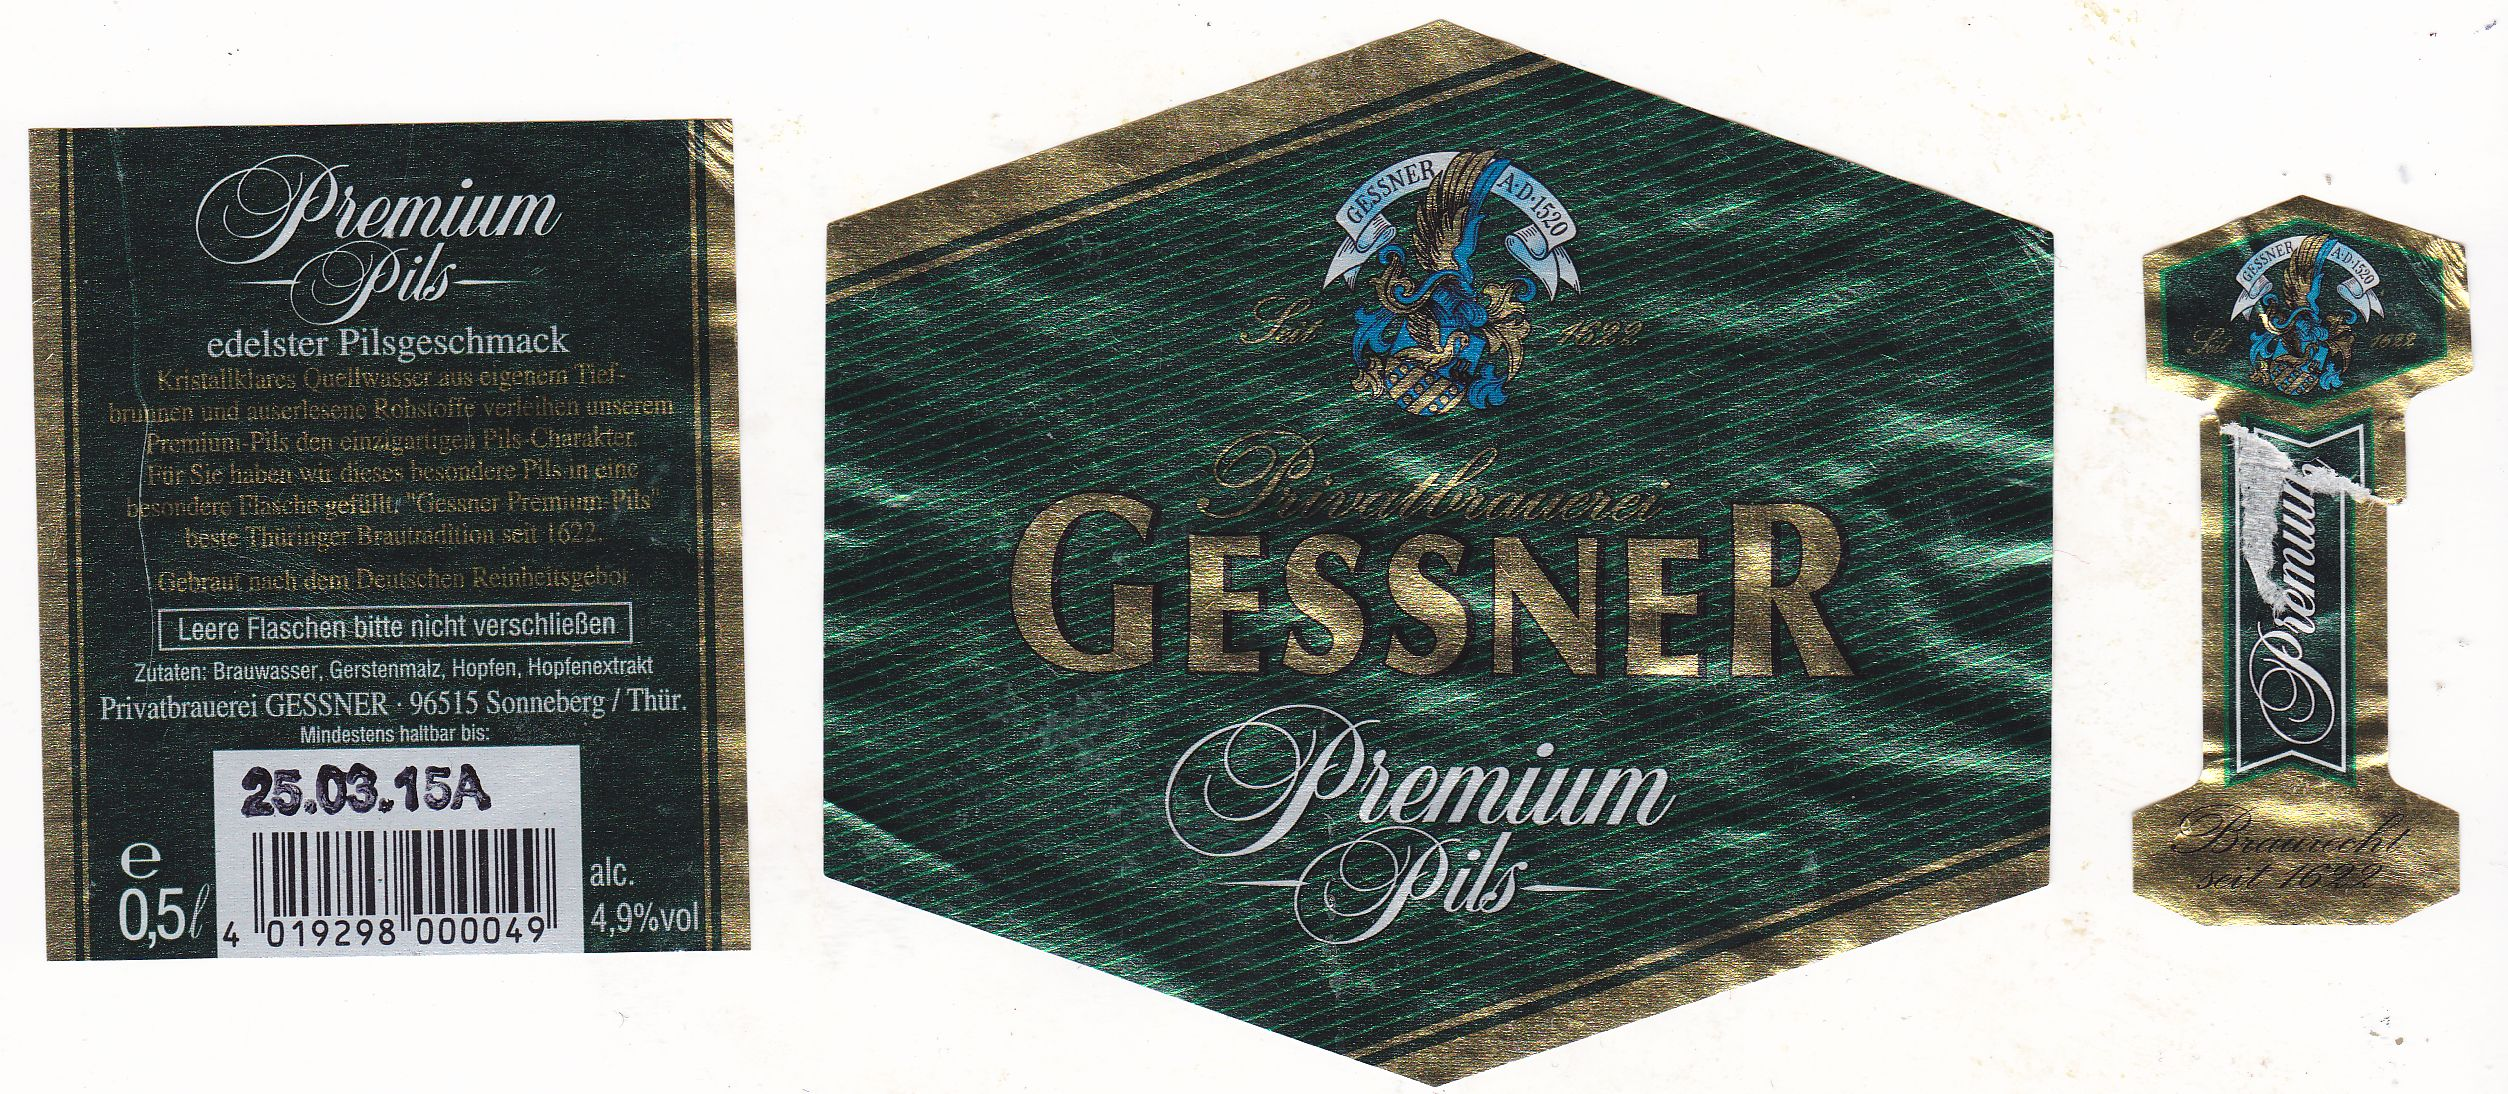 gessner-premium-pils-2